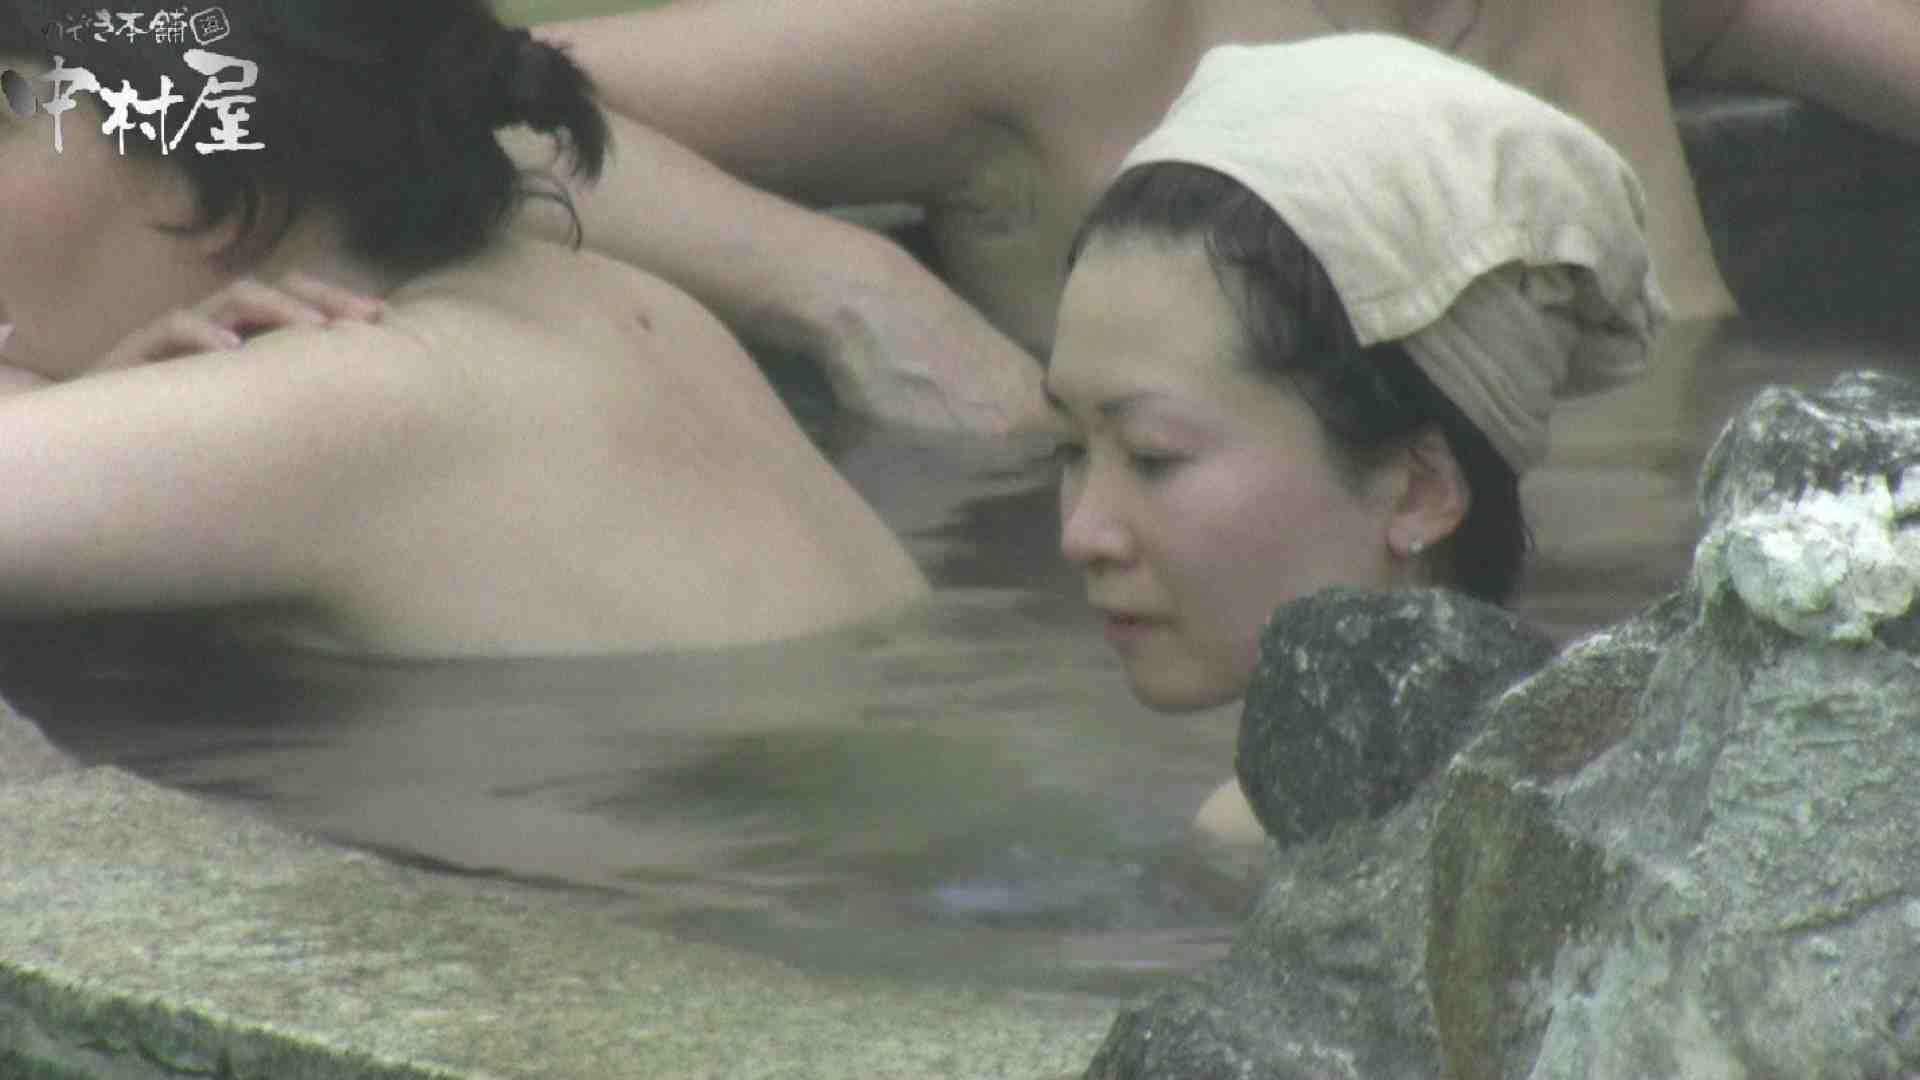 Aquaな露天風呂Vol.906 盗撮 | 露天  92画像 46